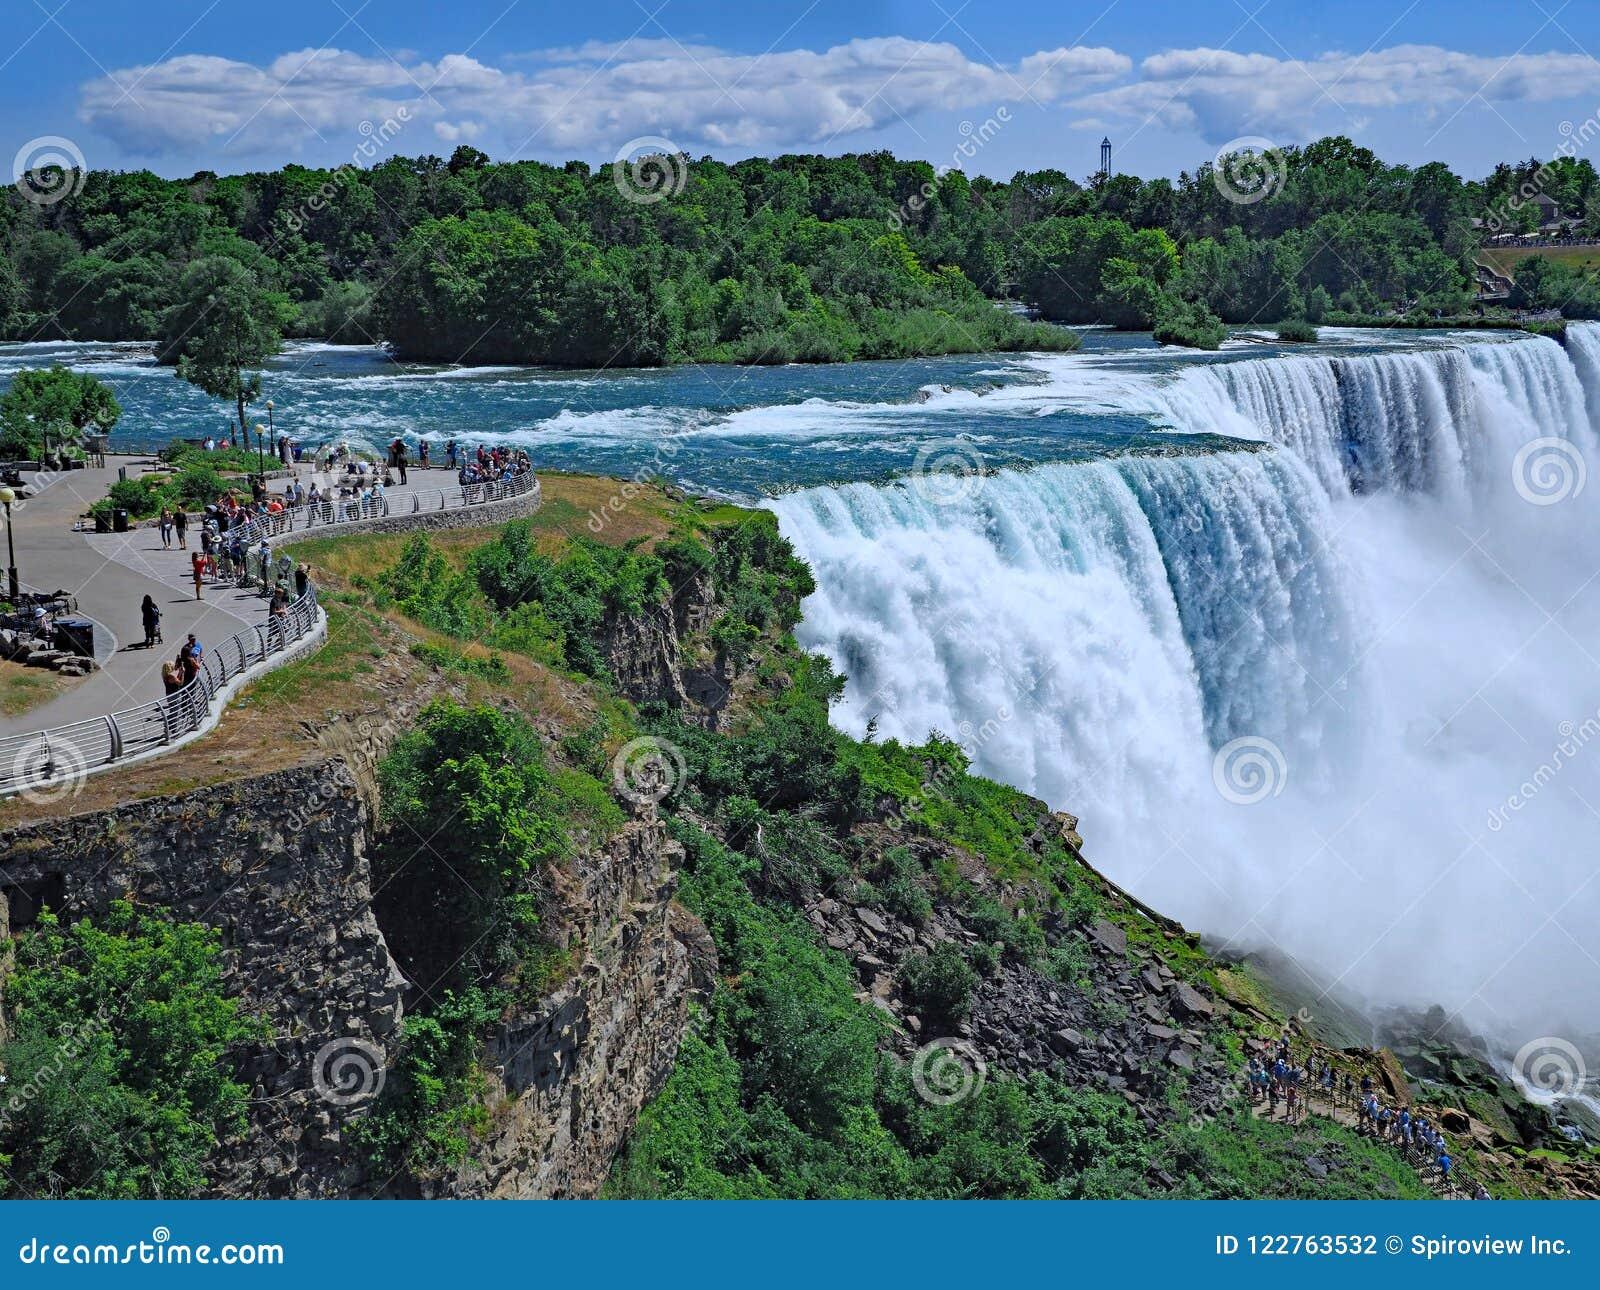 Garez au bord des automnes américains aux chutes du Niagara